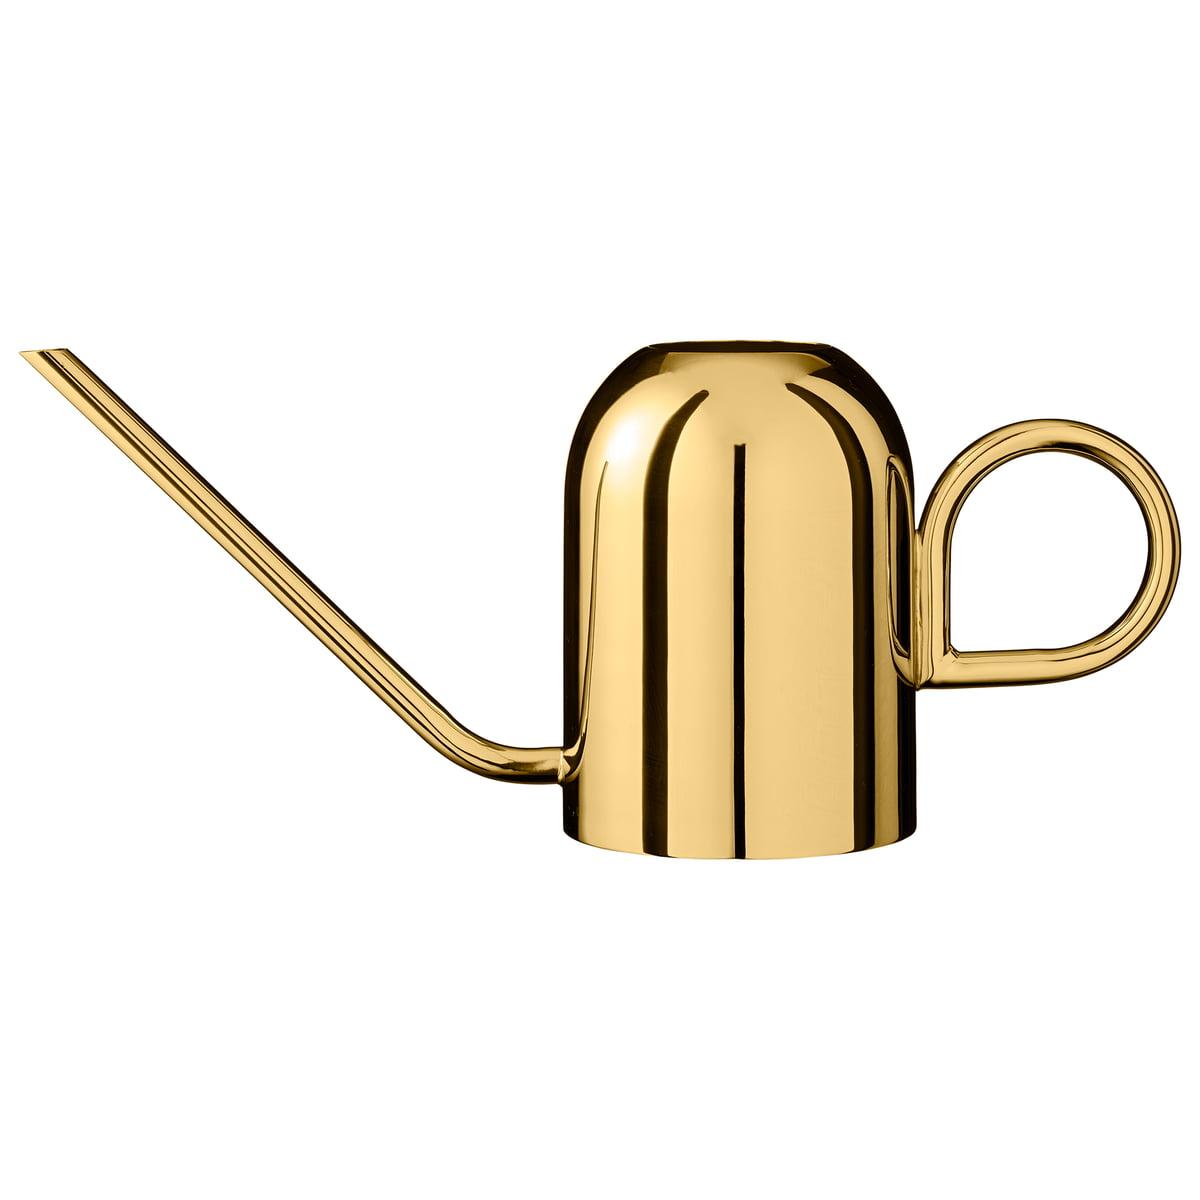 AYTM - Vivero Gießkanne, Messing | Garten > Garten-Duschen | Gold | Messing | AYTM